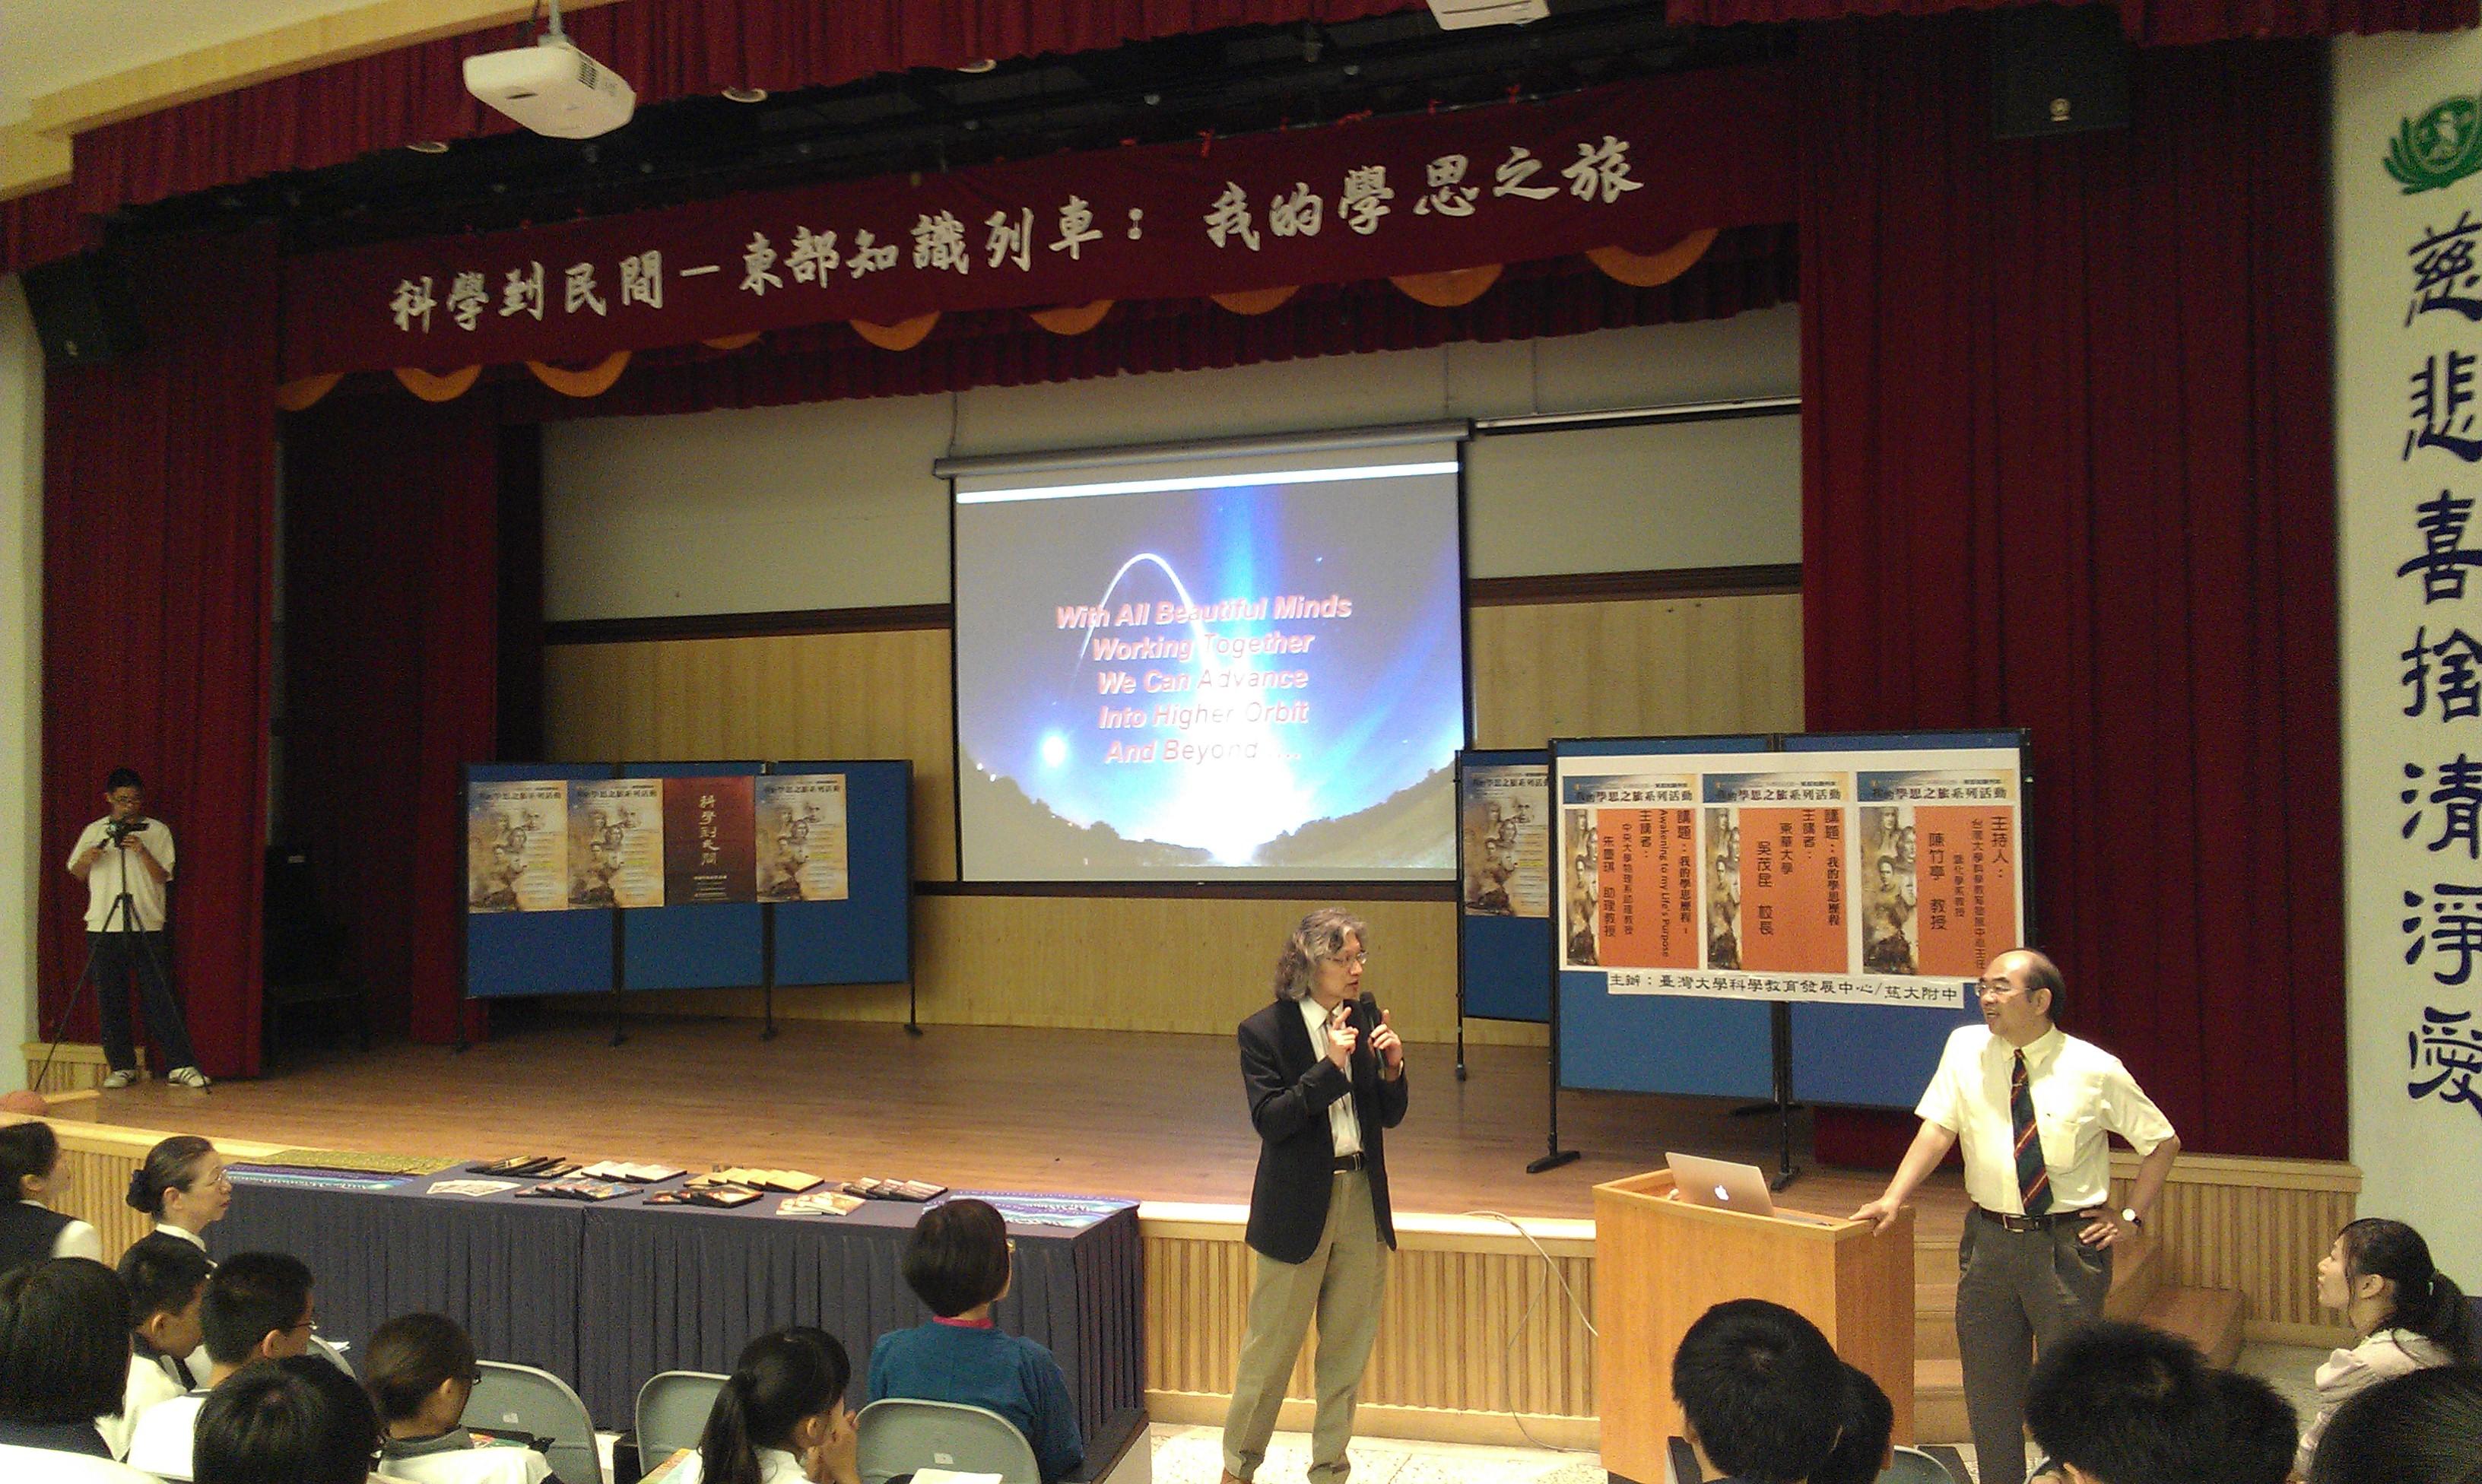 吳校長熱情回應主持人陳主任與台下學子的發問。